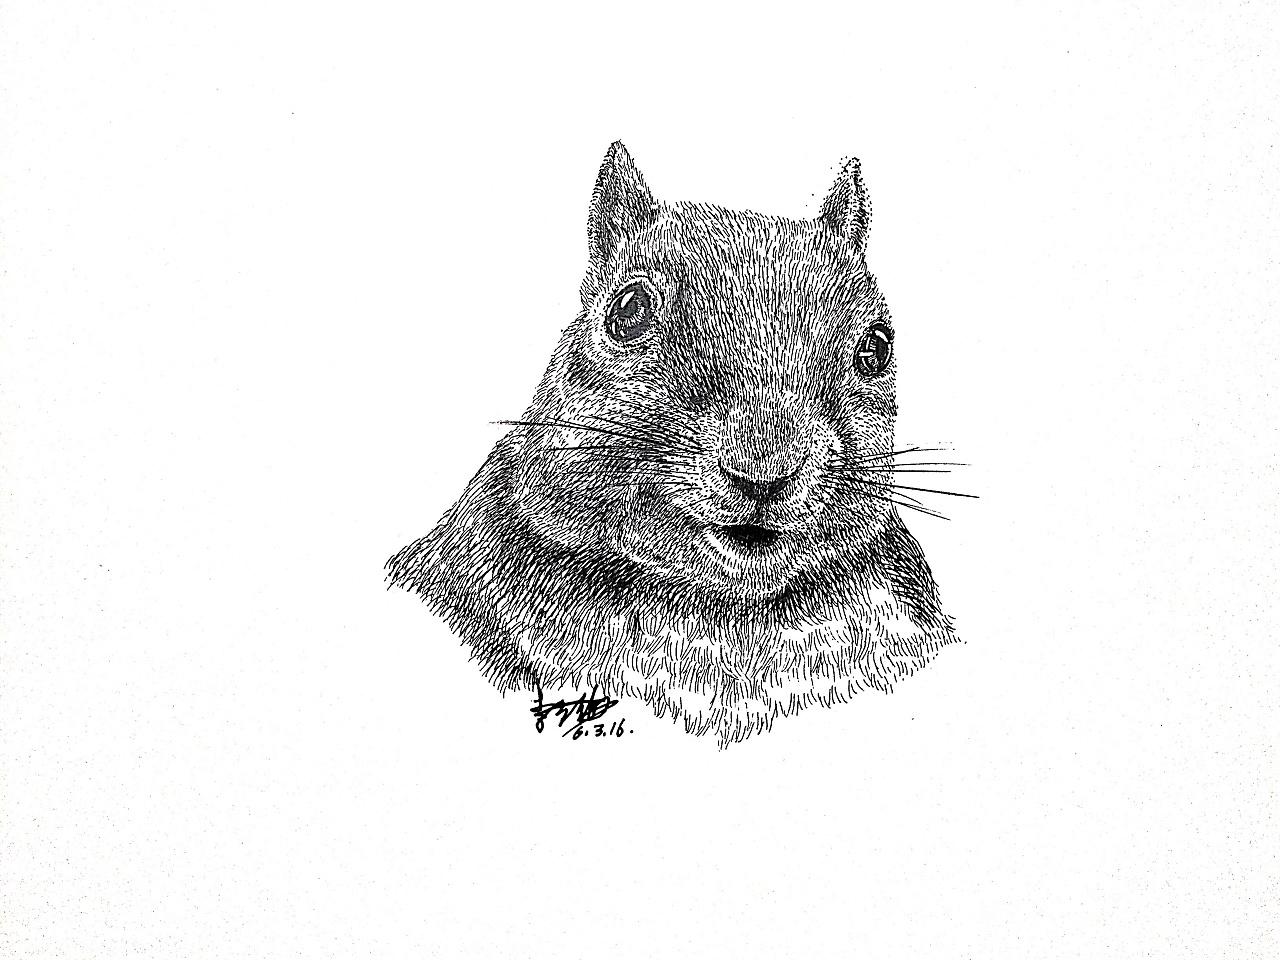 李万海钢笔手绘《鼠》